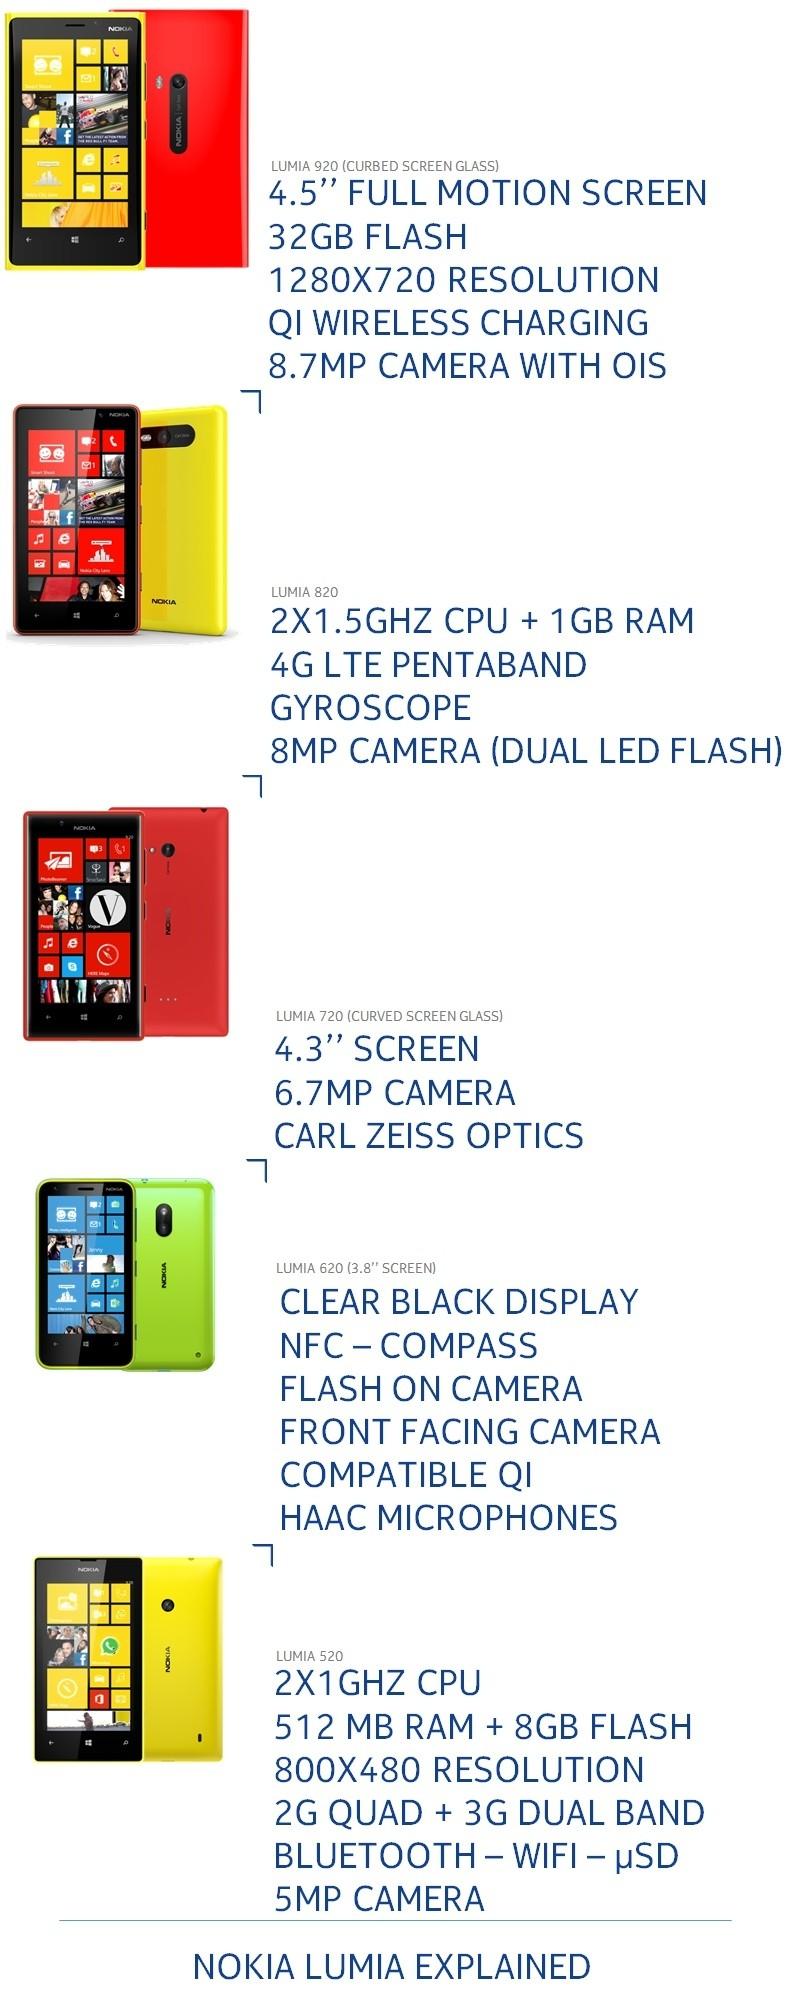 Infographie : la gamme Lumia et la gamme Asha expliquées en image